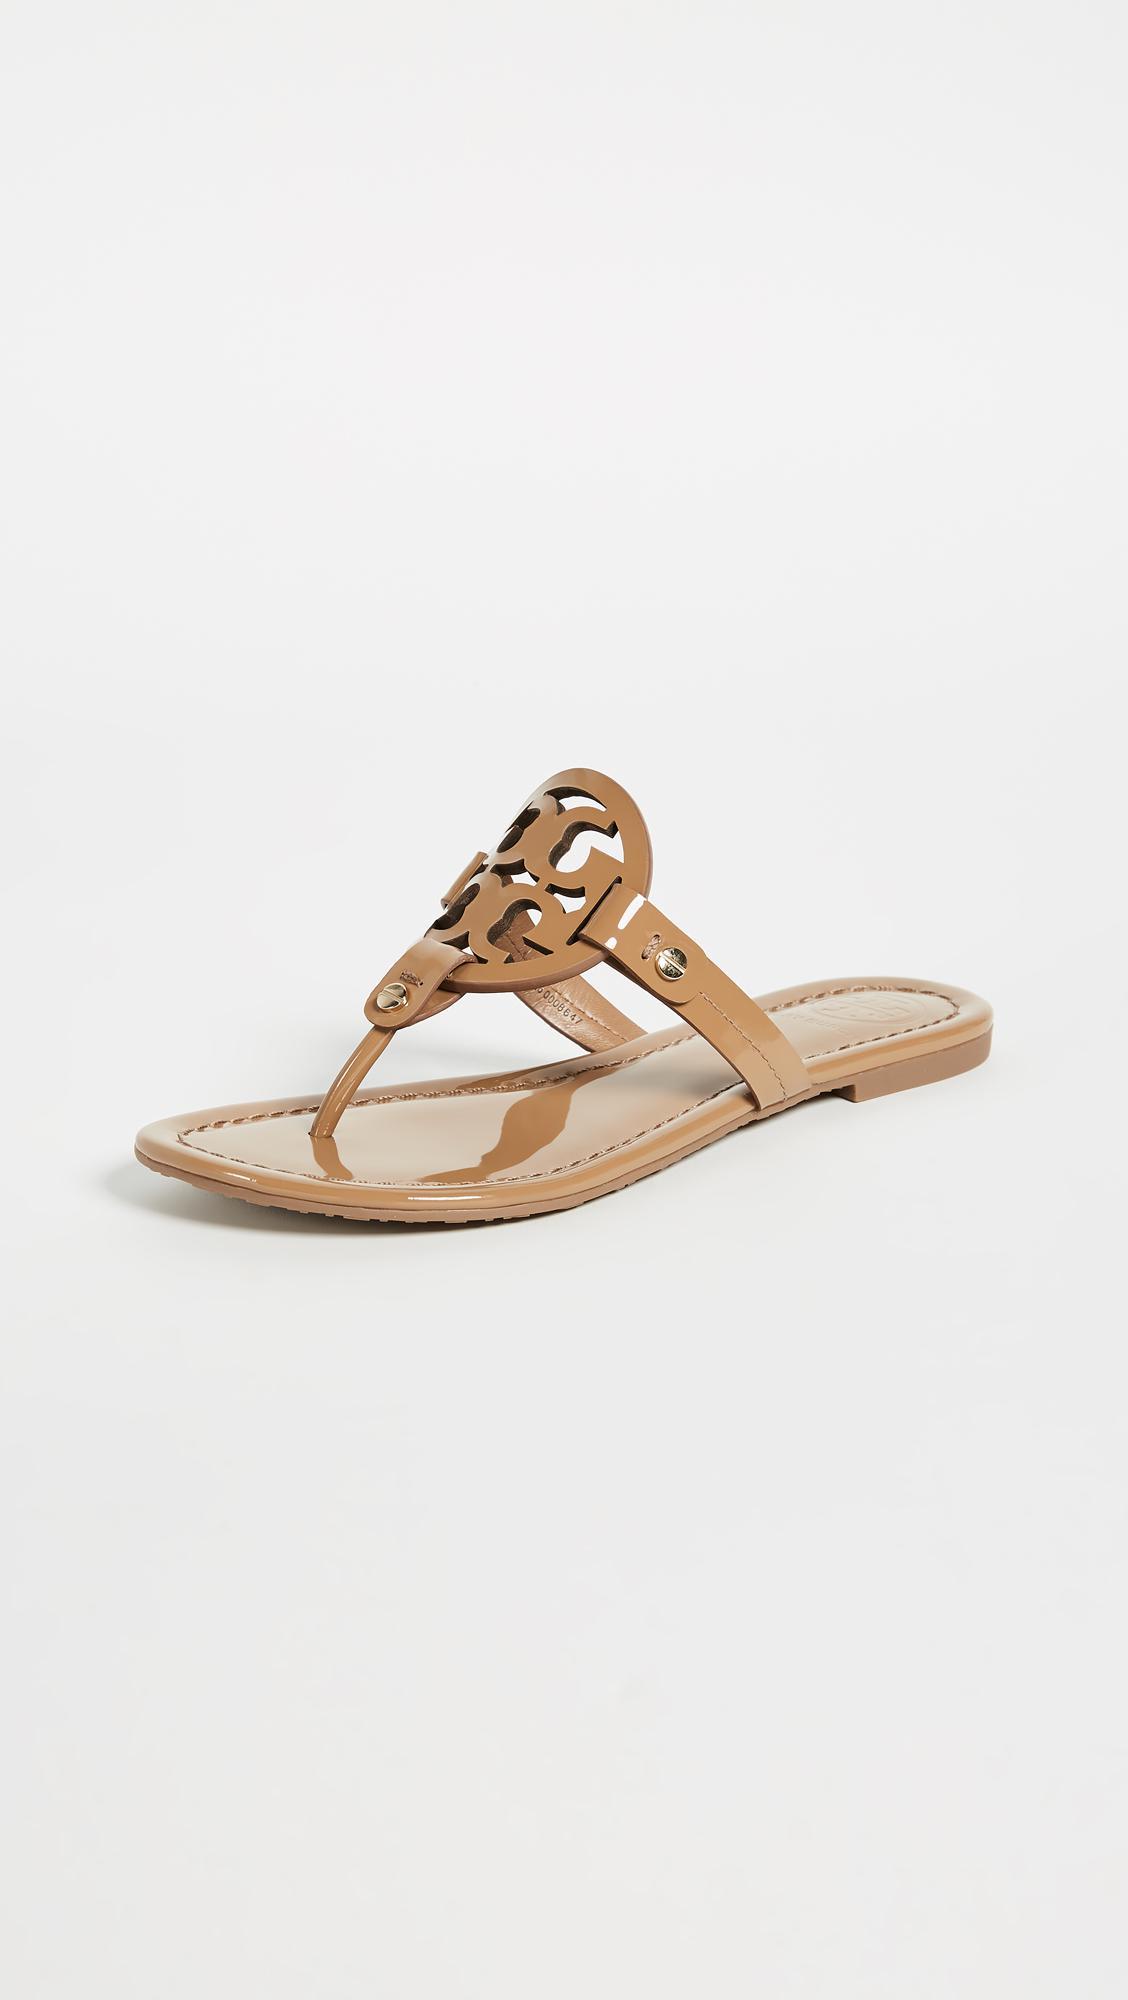 0a36b6a0619d0 Tory Burch - Black Miller Sandals